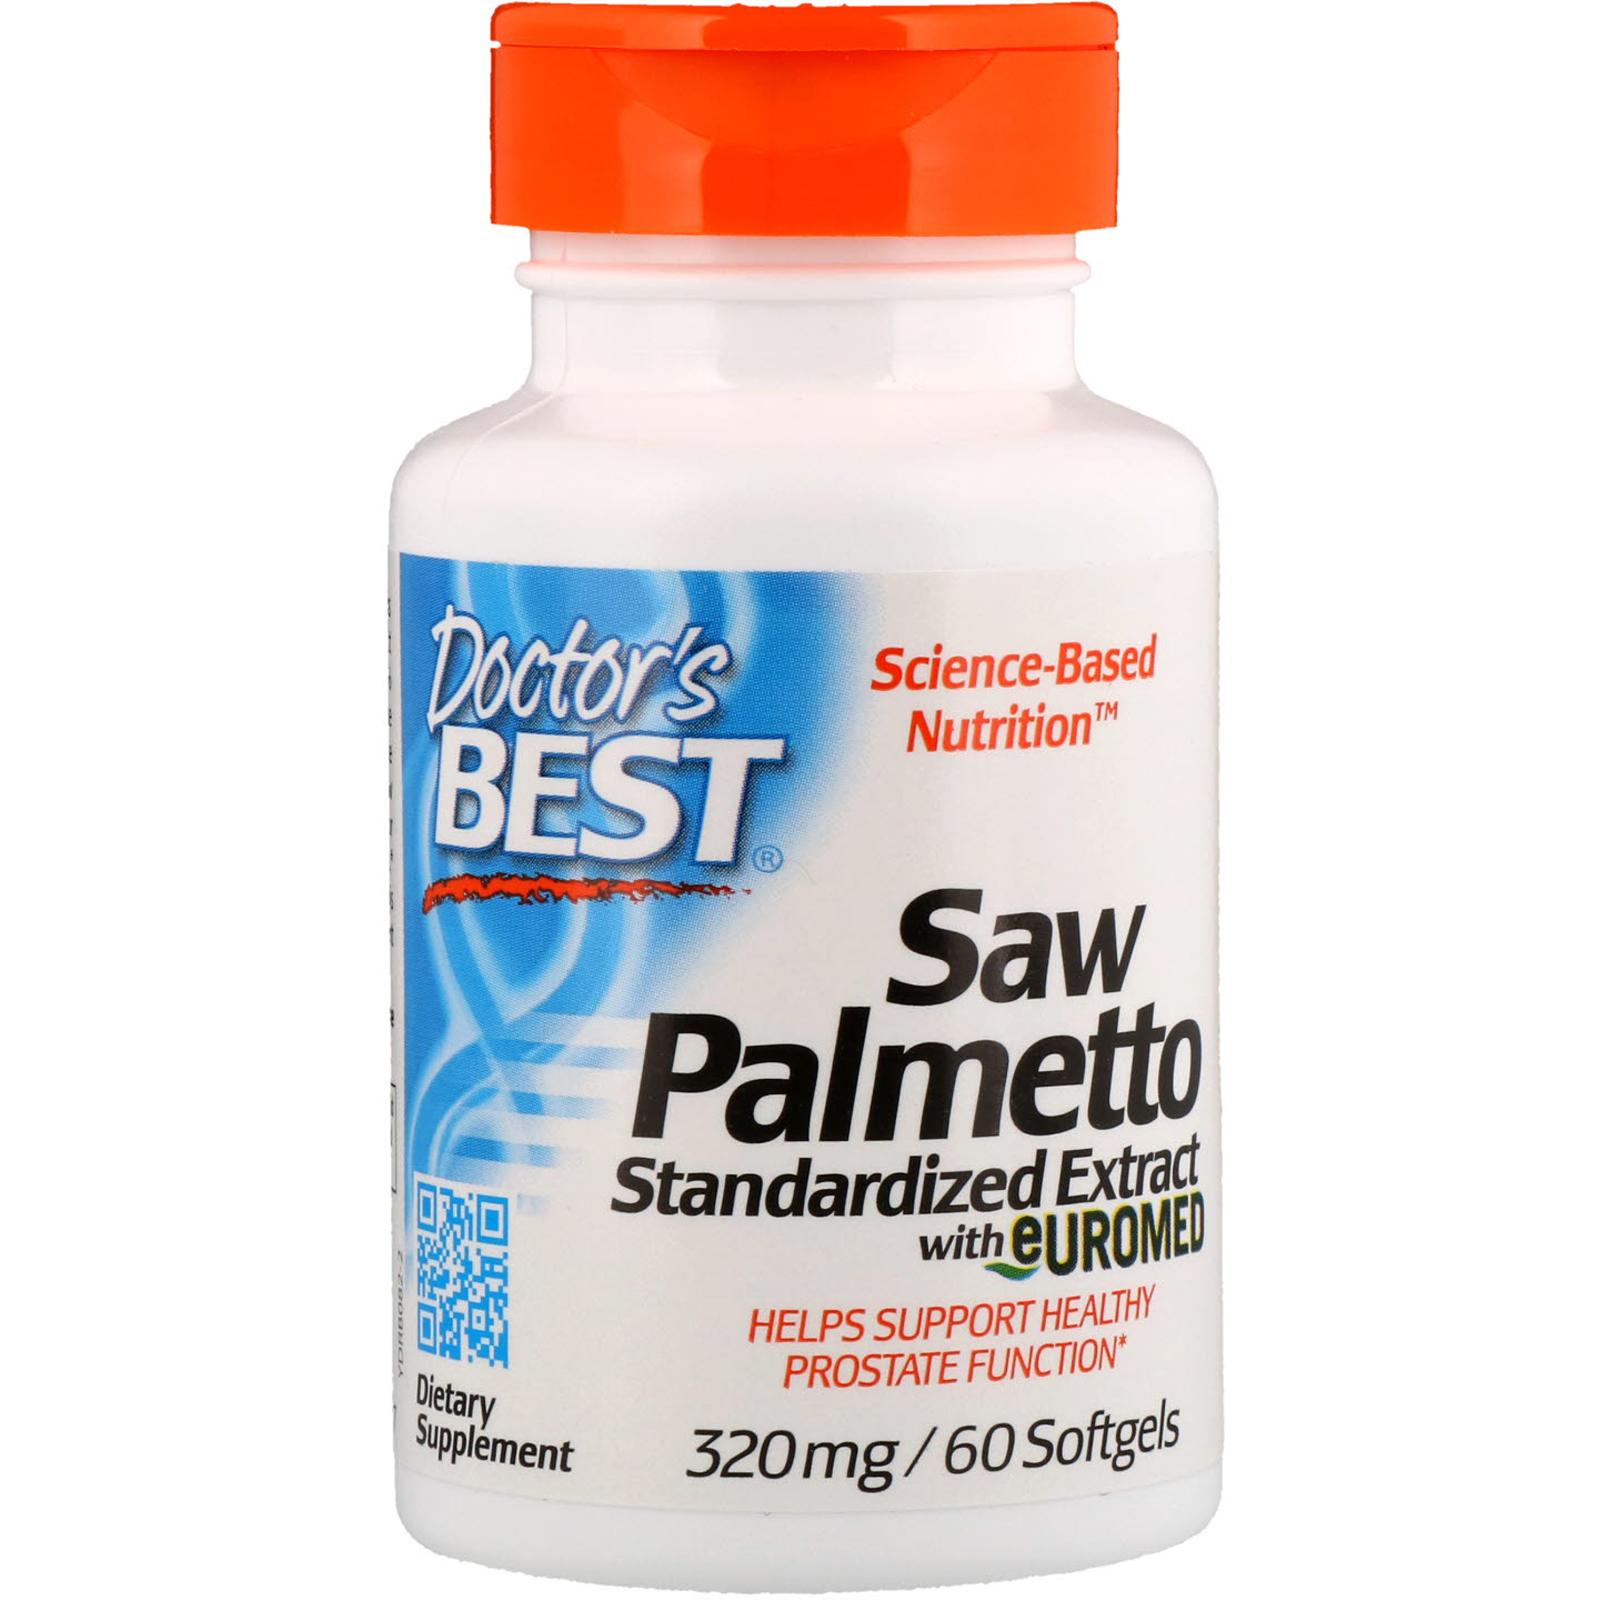 saw palmetto opiniones sobre próstata